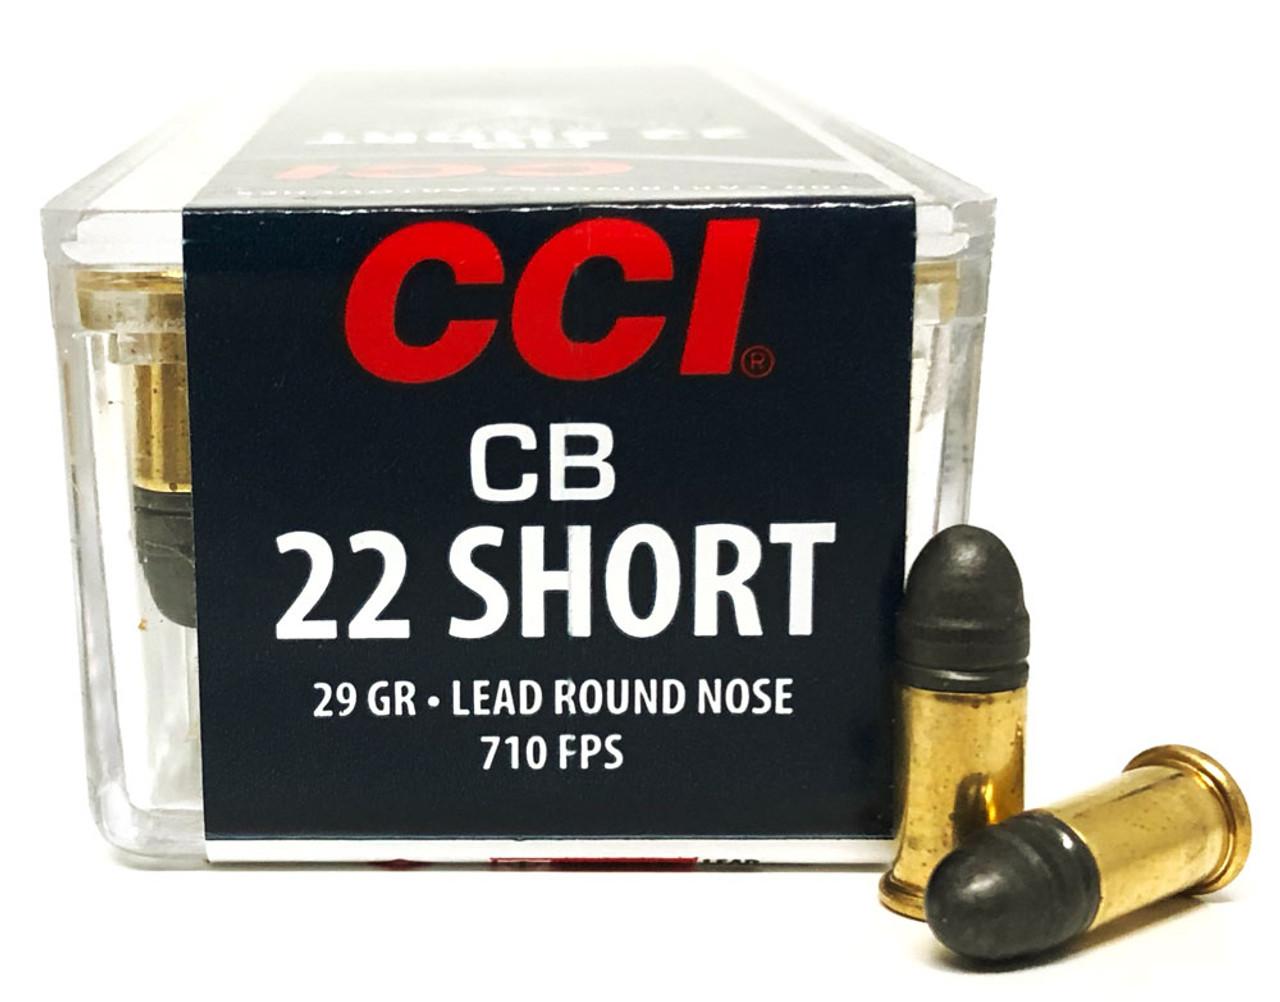 Cci 22 Short 29 Grain Cb Sub Sonic Lead Round Nose